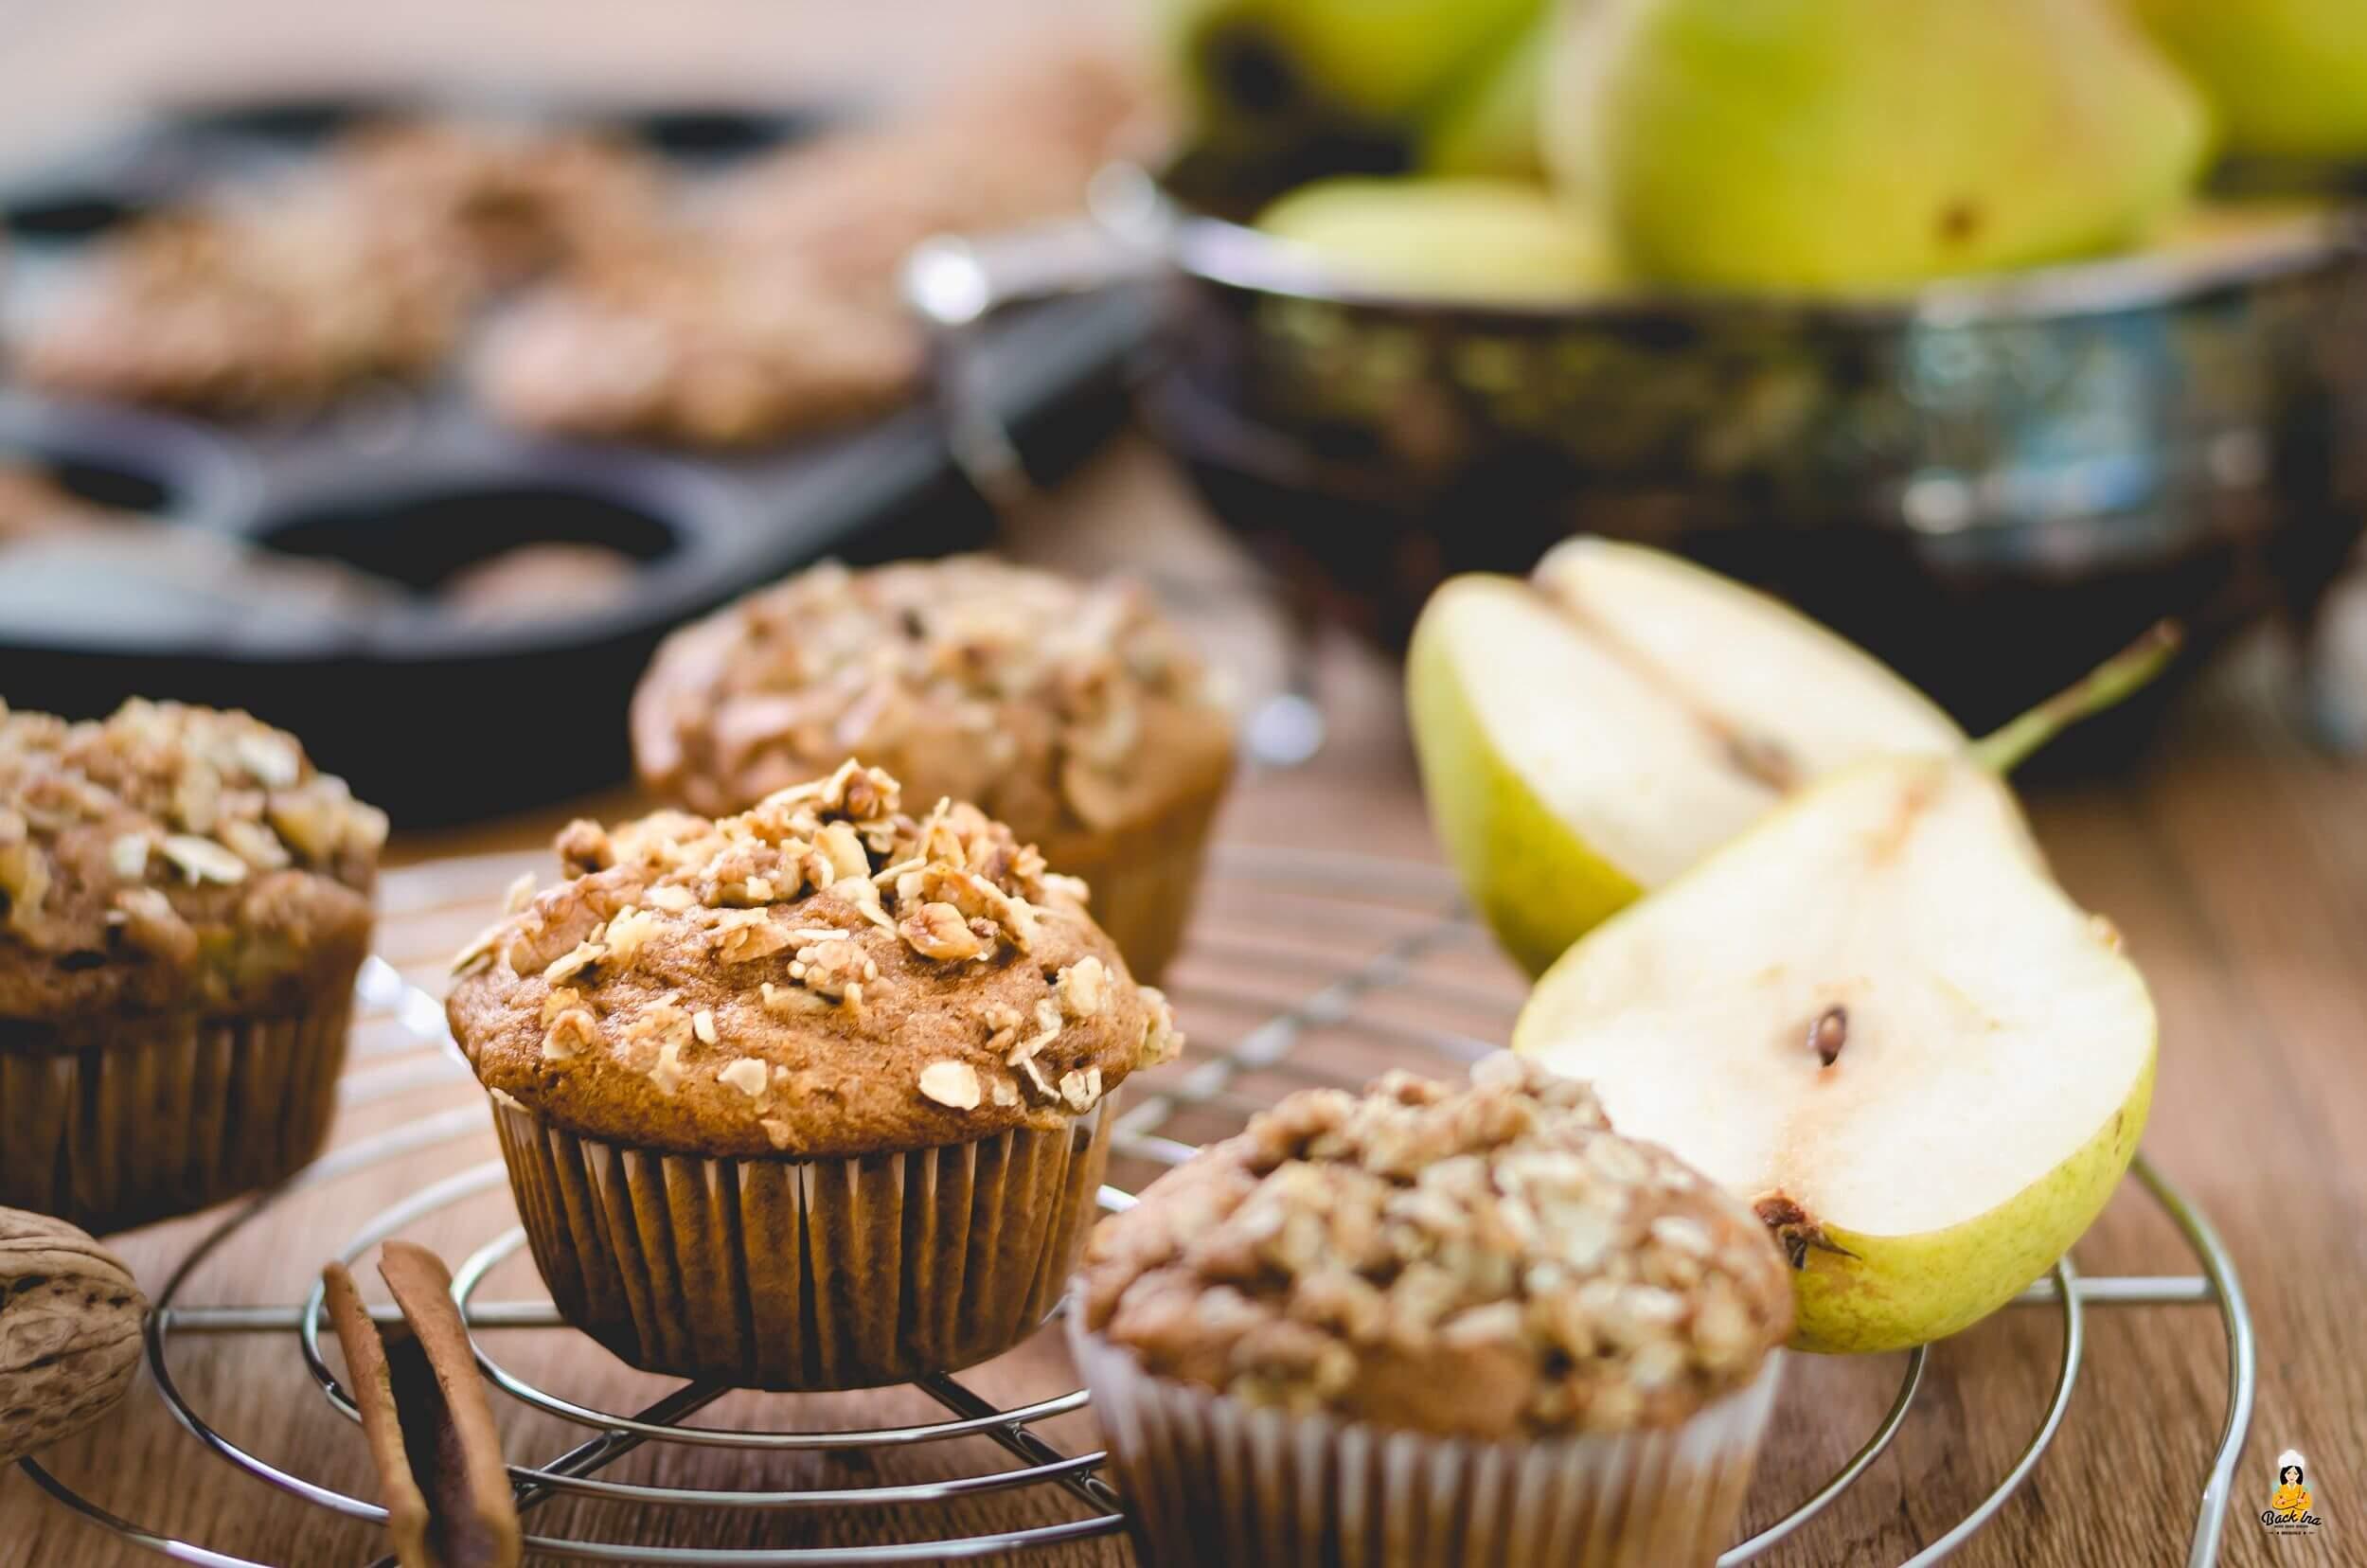 Birnenmuffins mit Dinkelvollkornmehl und ohne Zucker